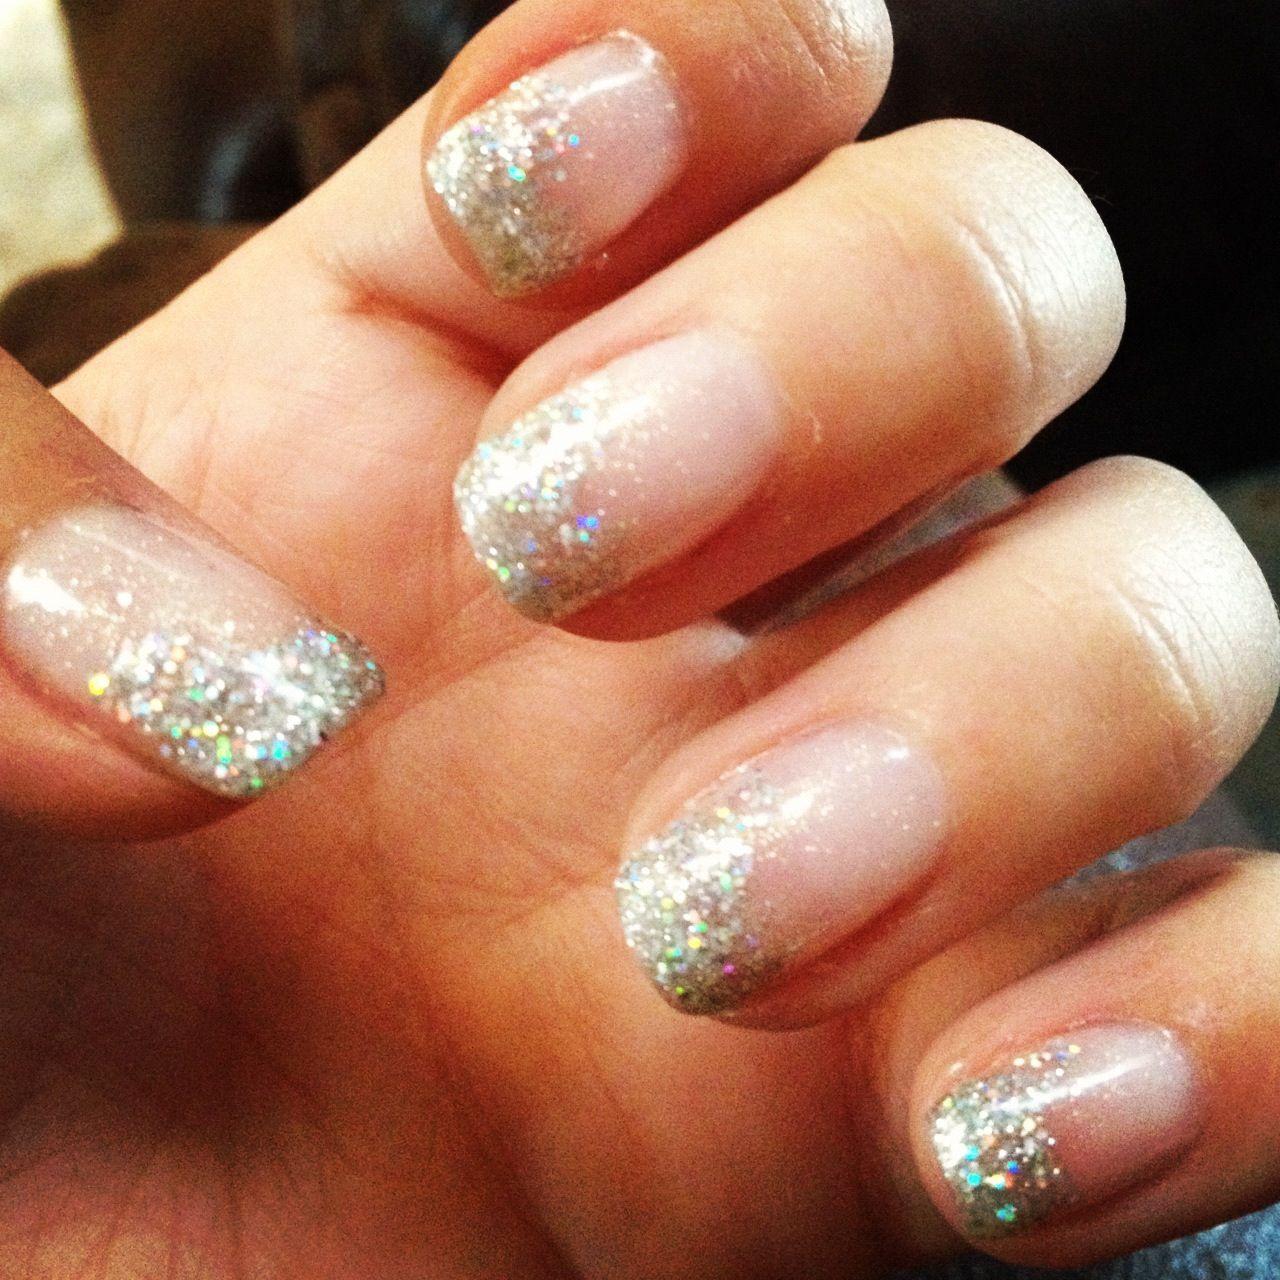 Sparkle tip gel nails   Nails   Pinterest